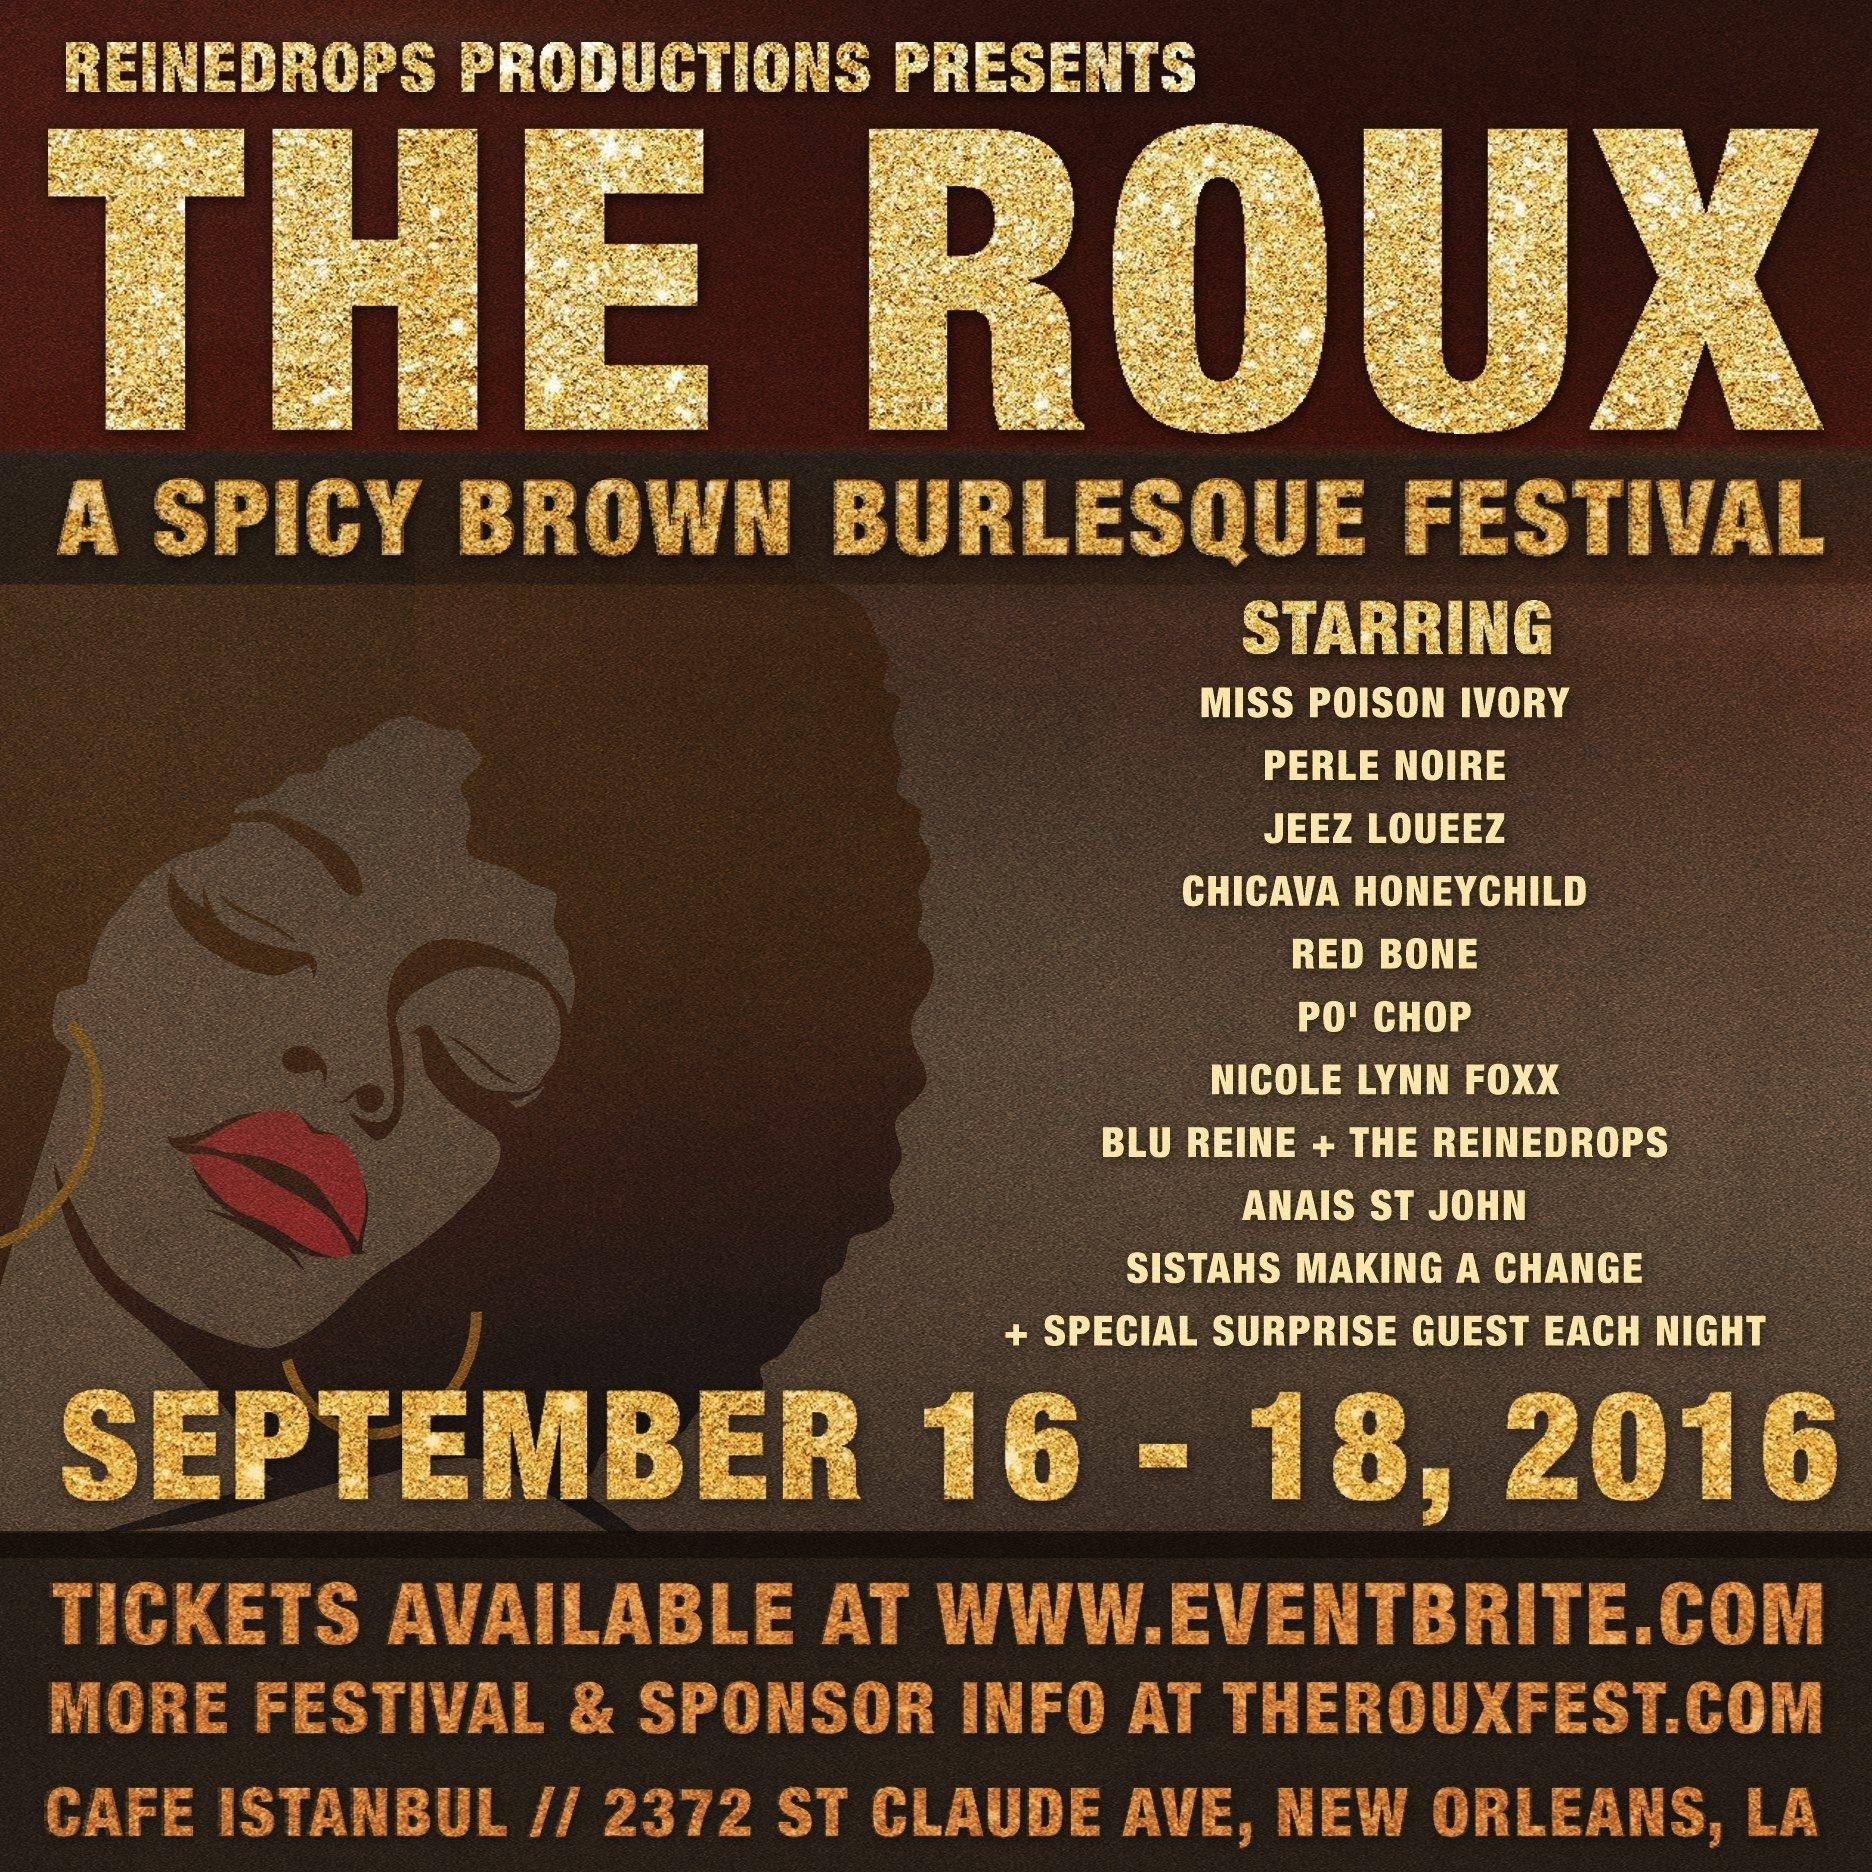 The Roux 2016